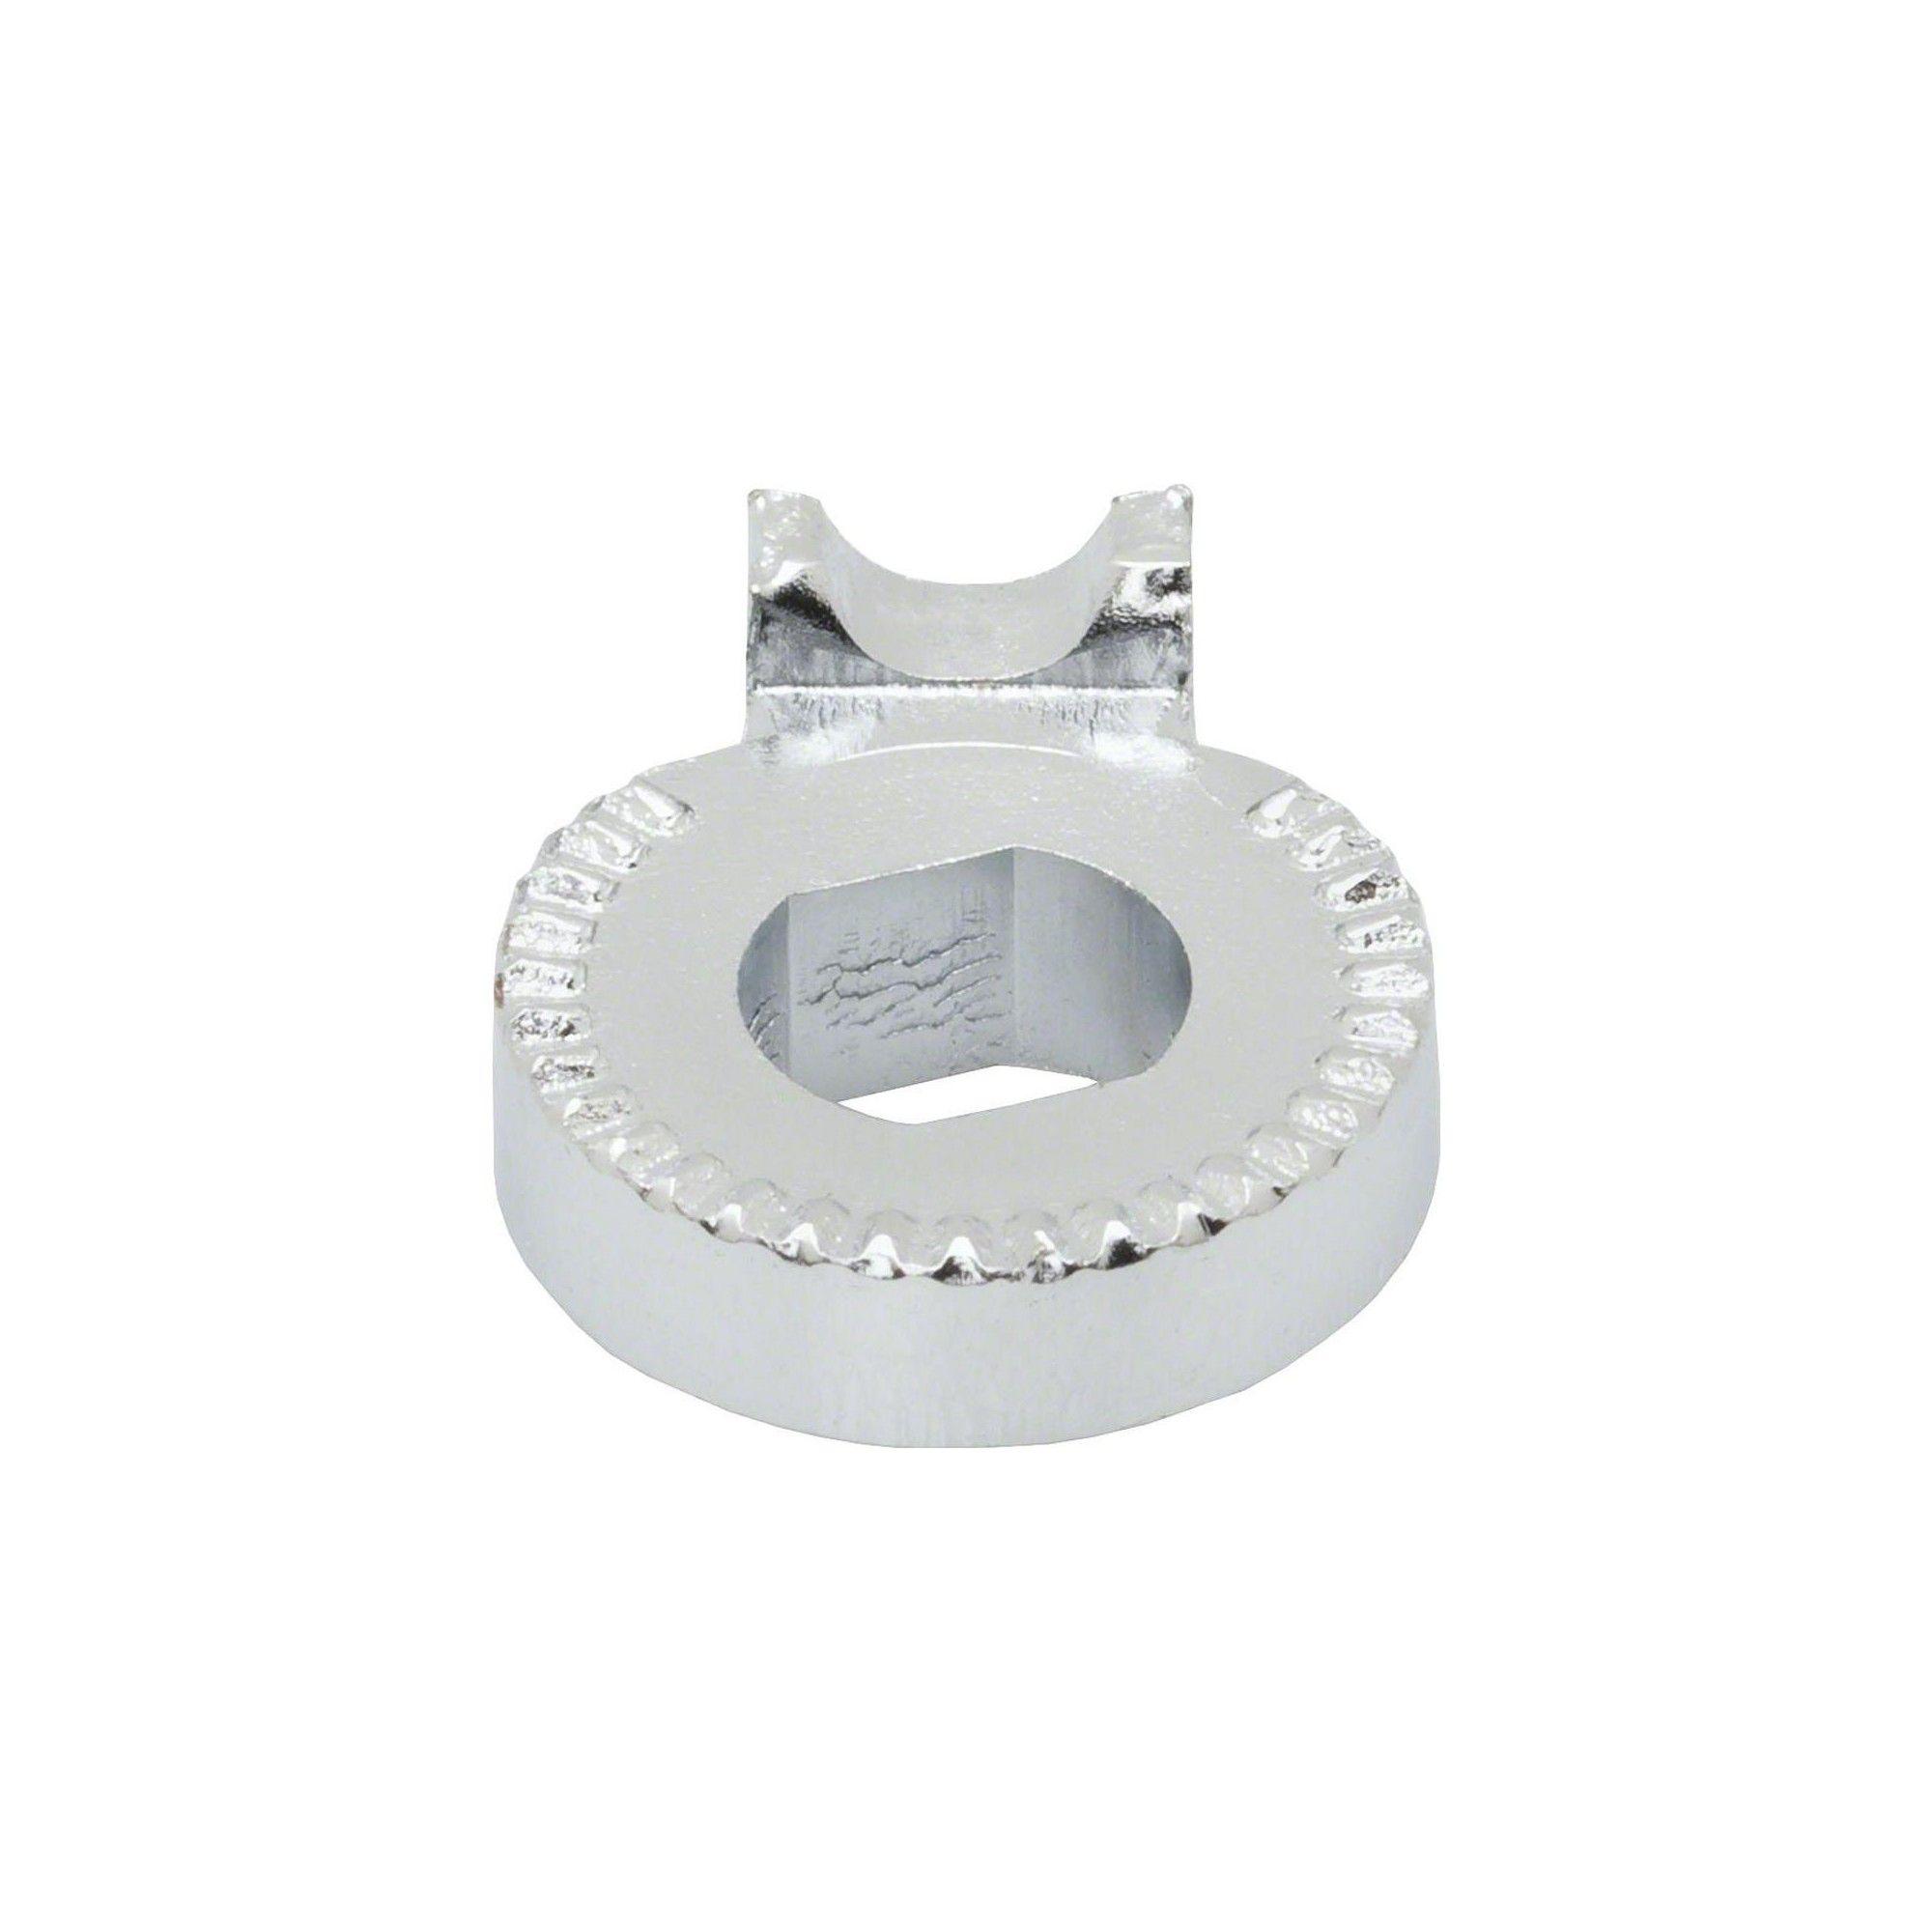 6R Silver Shimano Nexus//Alfine Track-type Dropout Right Non-turn Washer